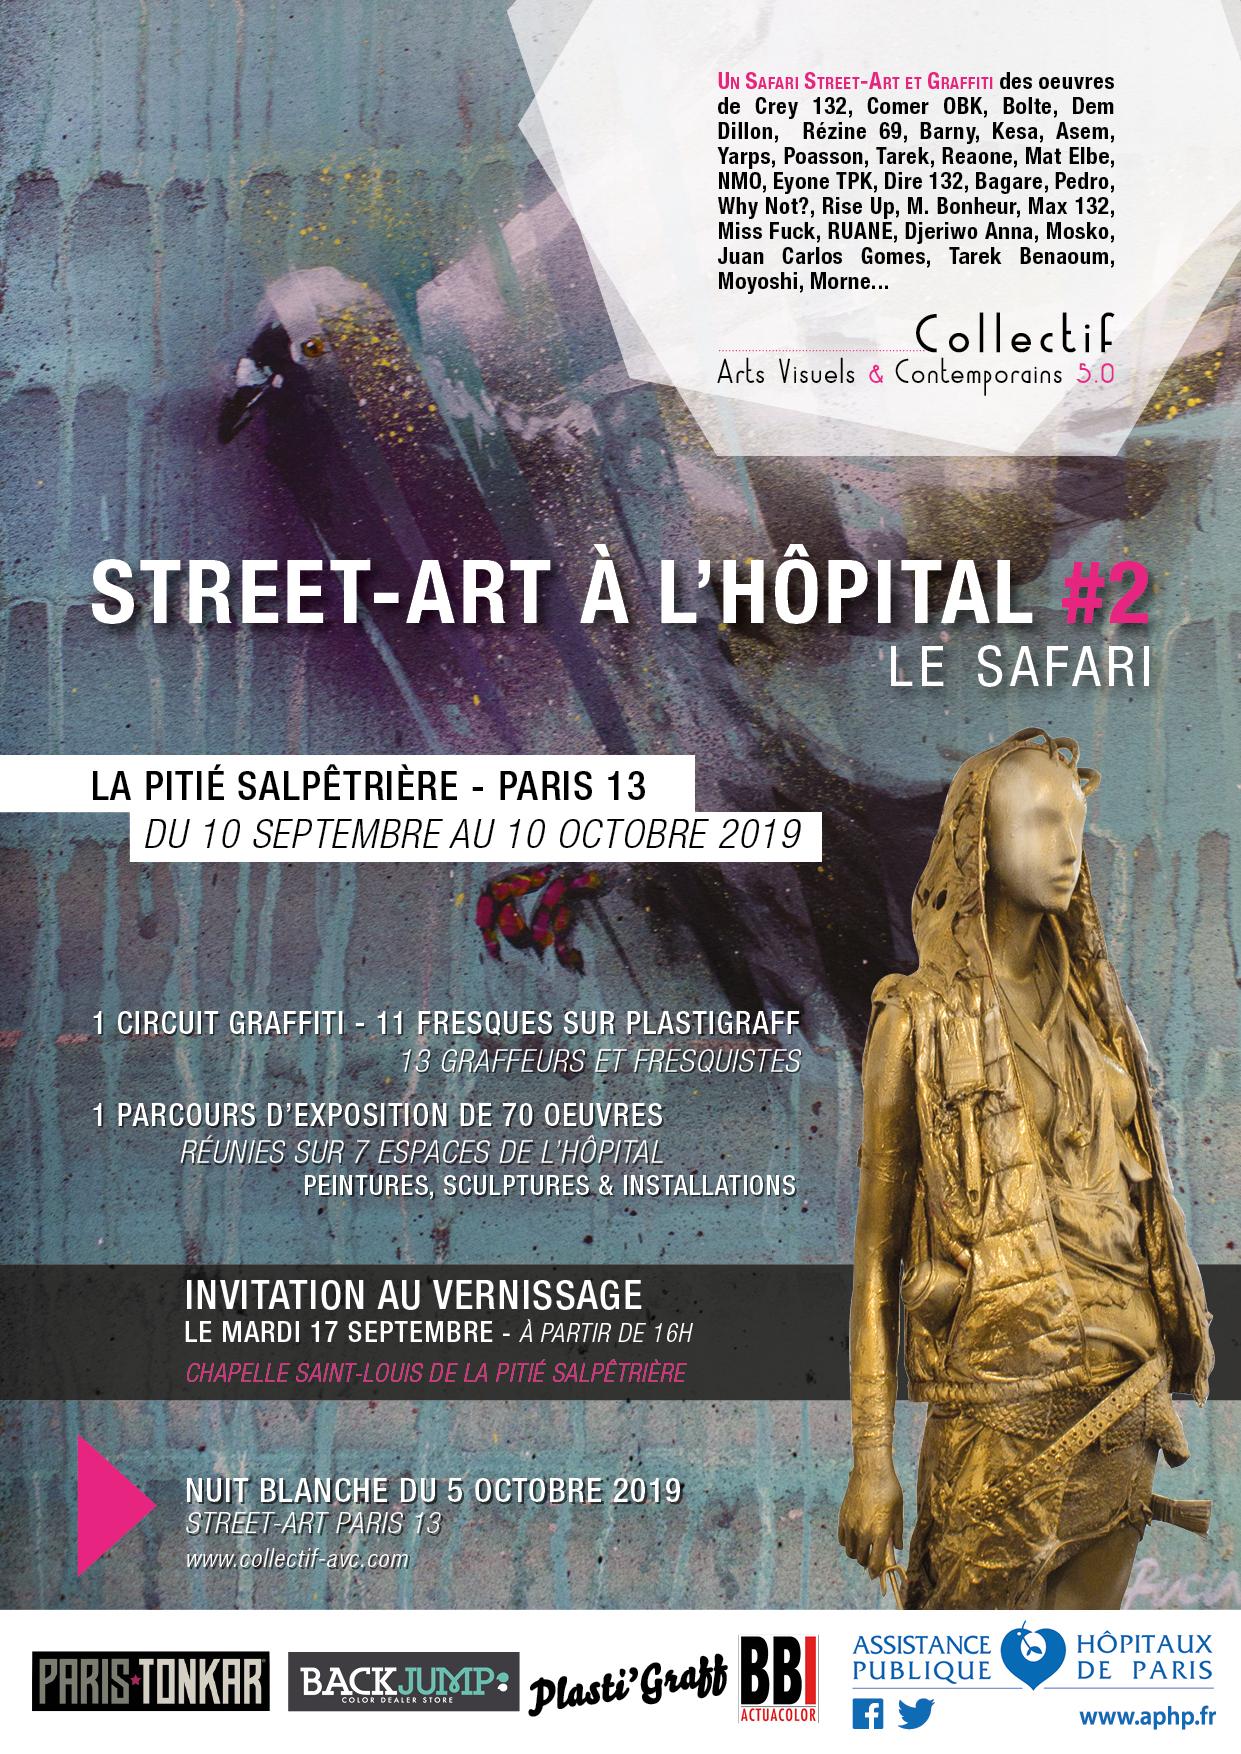 affiche-exposition-street-art-a-l-hopital-pitie-salpetriere-version2-avec-nuit-blanche